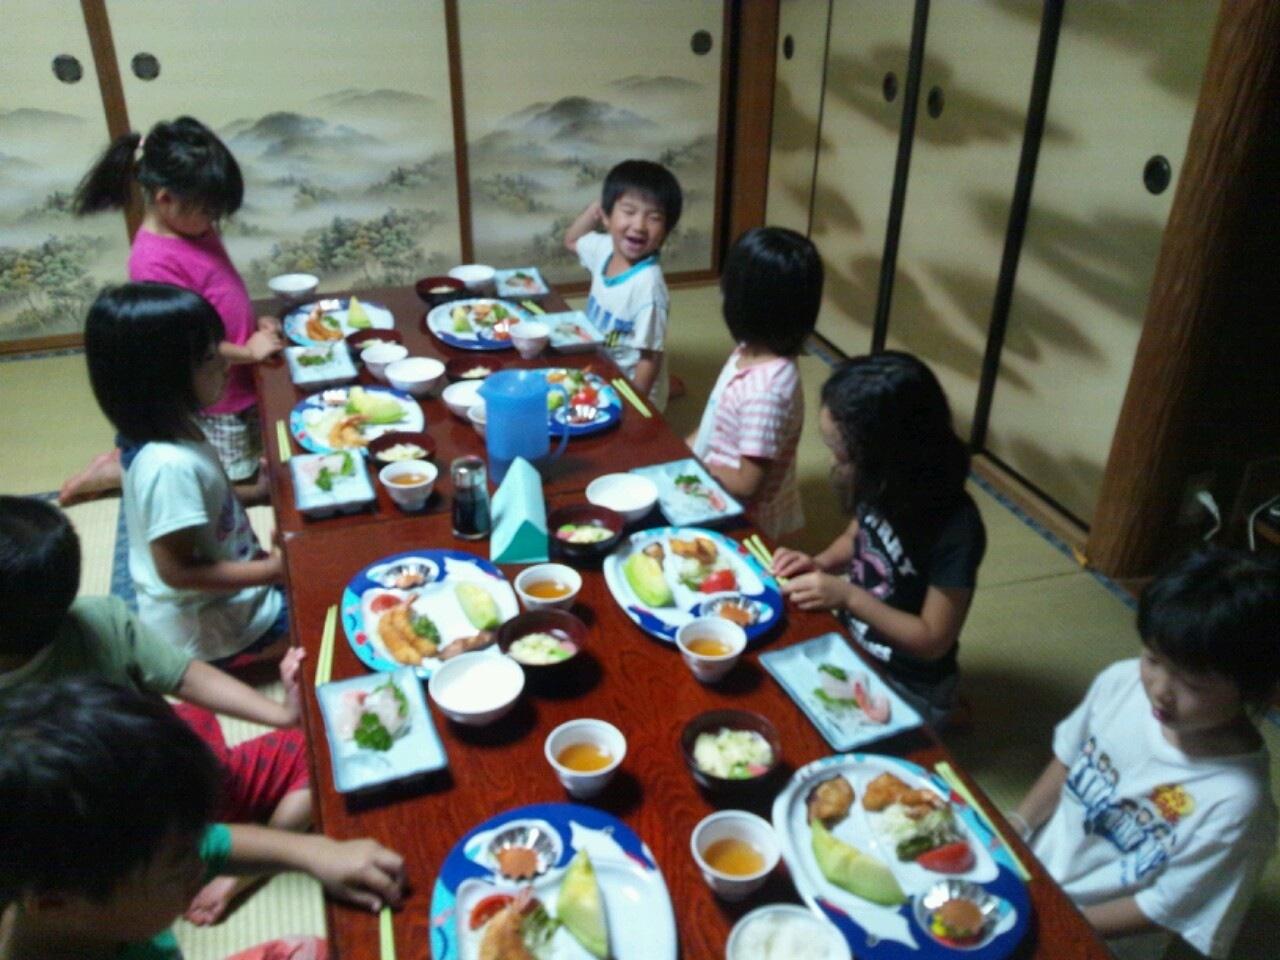 海合宿3 いまから晩御飯です♪_c0151262_1919999.jpg